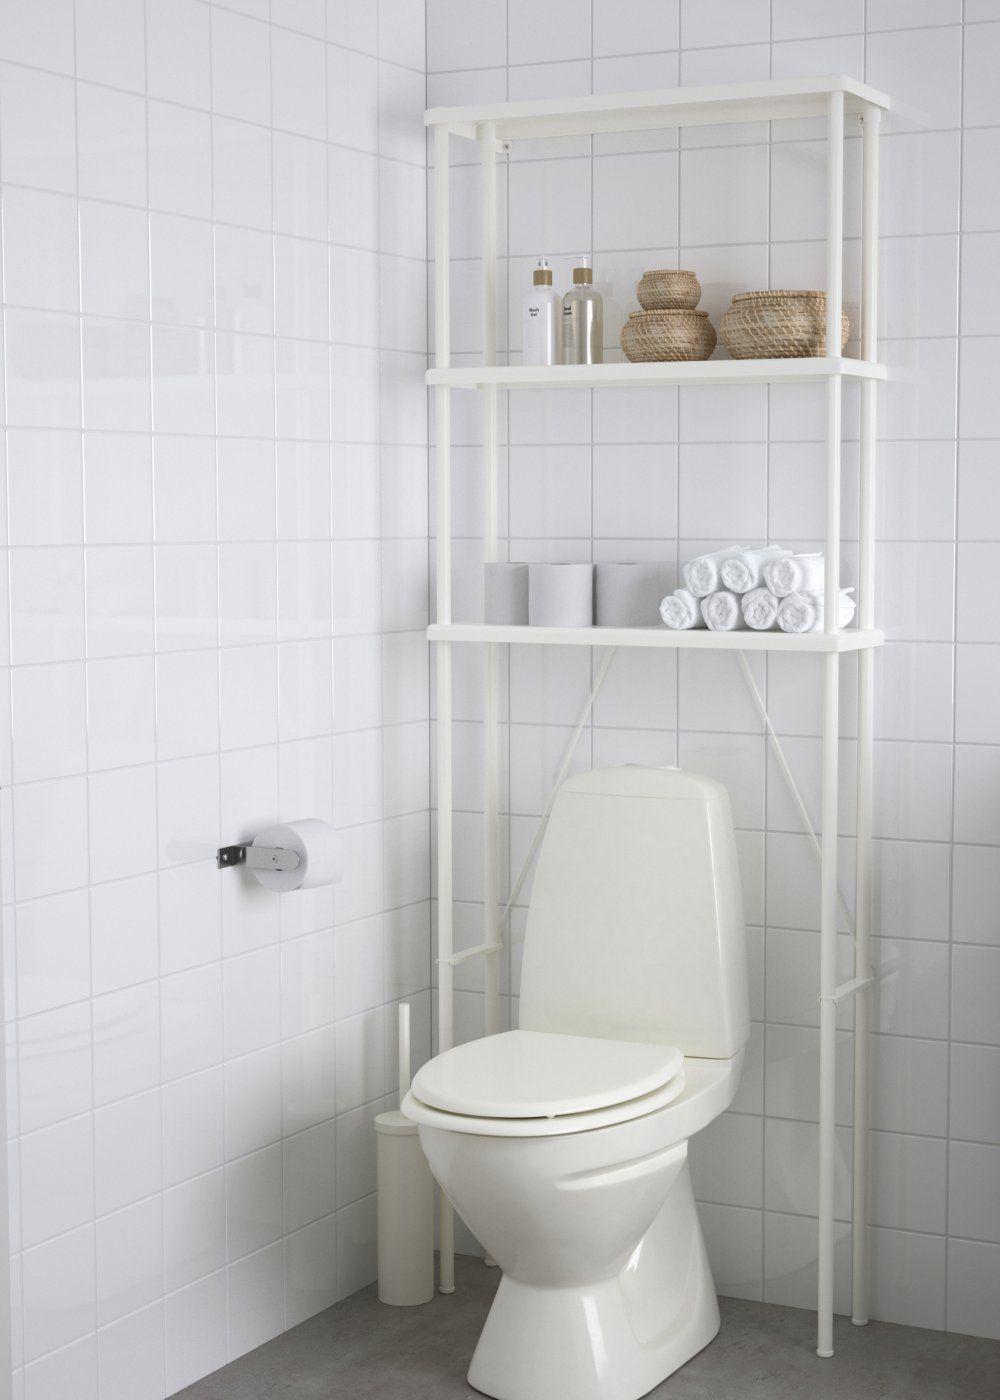 Des Wc A La Surface Optimisee Deco Toilettes Petit Meuble Pour Salle De Bains Rangement Ouvert Ikea